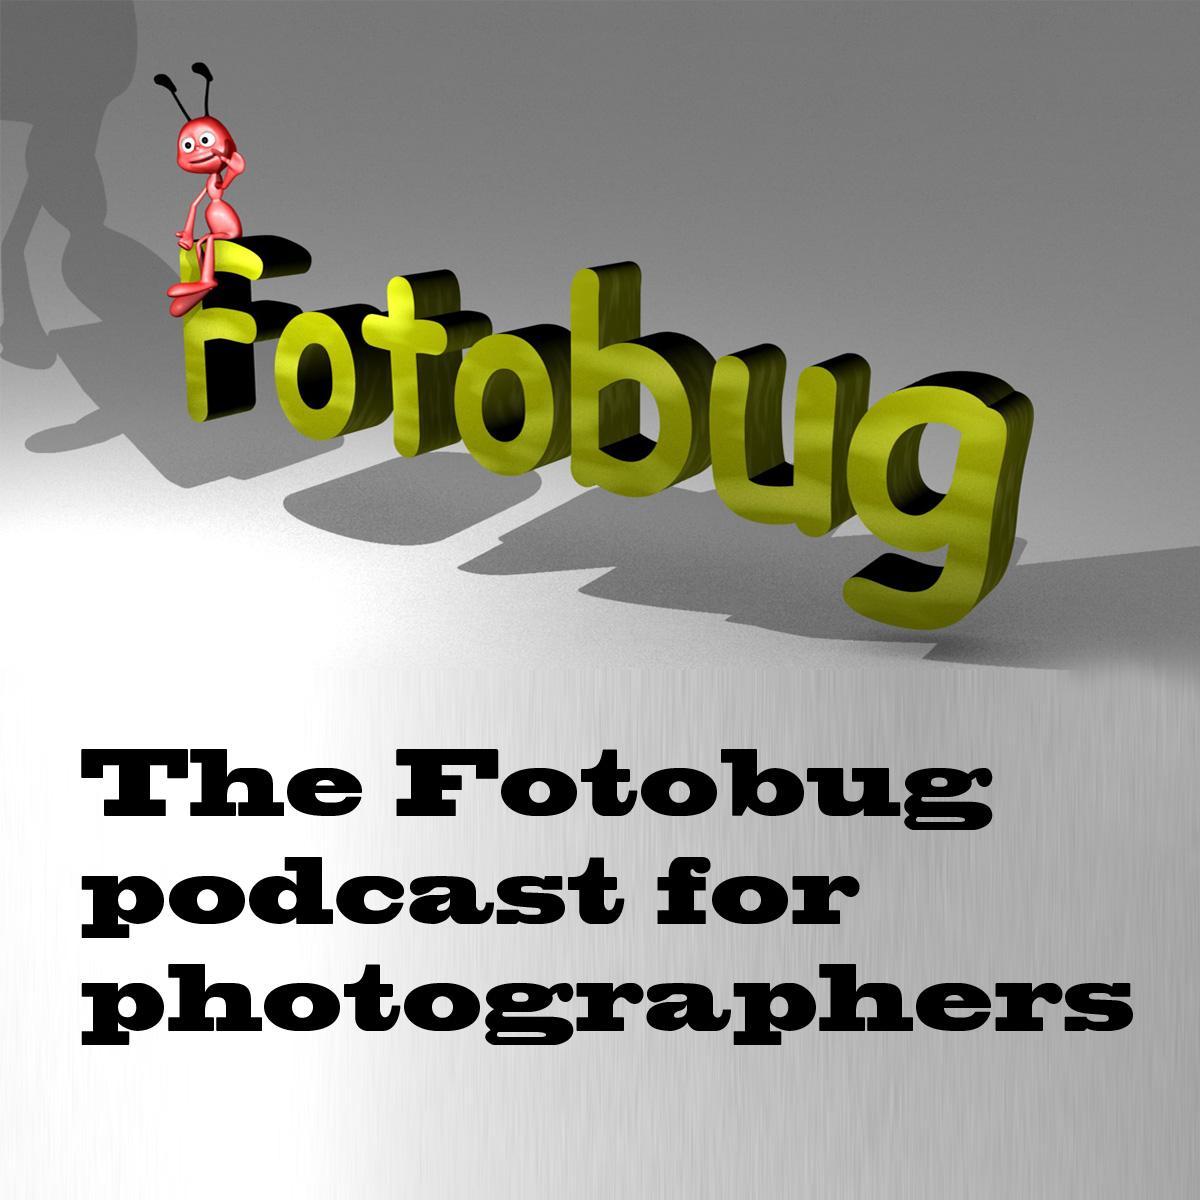 Fotobug - Elusive Image Photography